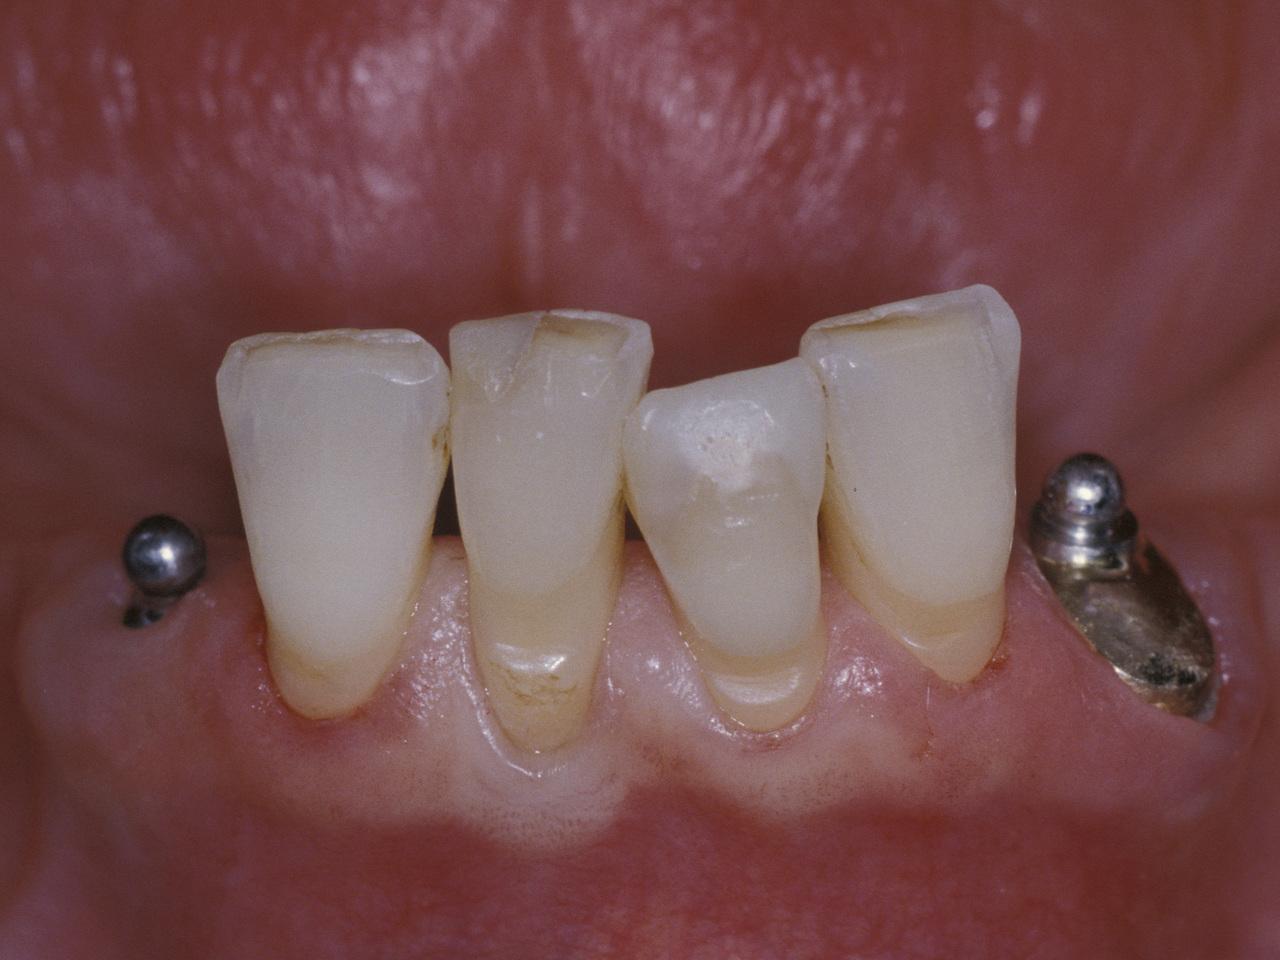 Рис. 2. Сочетание в одной протезной конструкции сферического аттачмента, фиксируемого в корне естественного зуба, со сферическим аттачментом на имплантате. Глубоко установленный имплантат и толстый слой слизистой оболочки способствуют тому, что ограниченный по высоте сферический аттачмент большей частью перекрывается слизистой оболочкой. Такая ситуация негативно сказывается на возможности соблюдения гигиены.